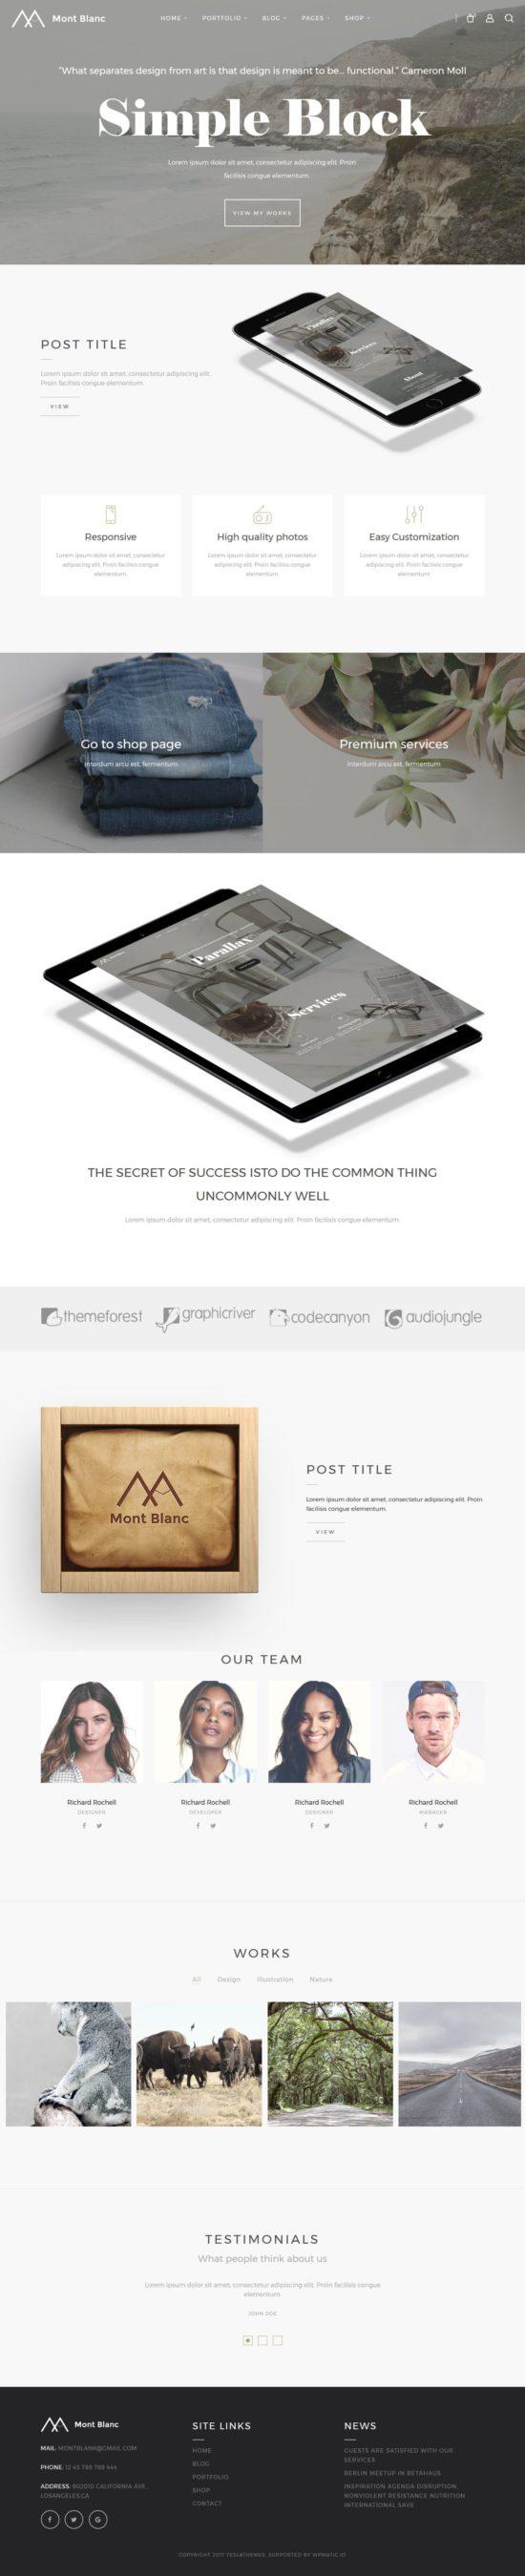 montblanc tesla themes wordpress themes 01 550x2699 - Montblanc WordPress Theme